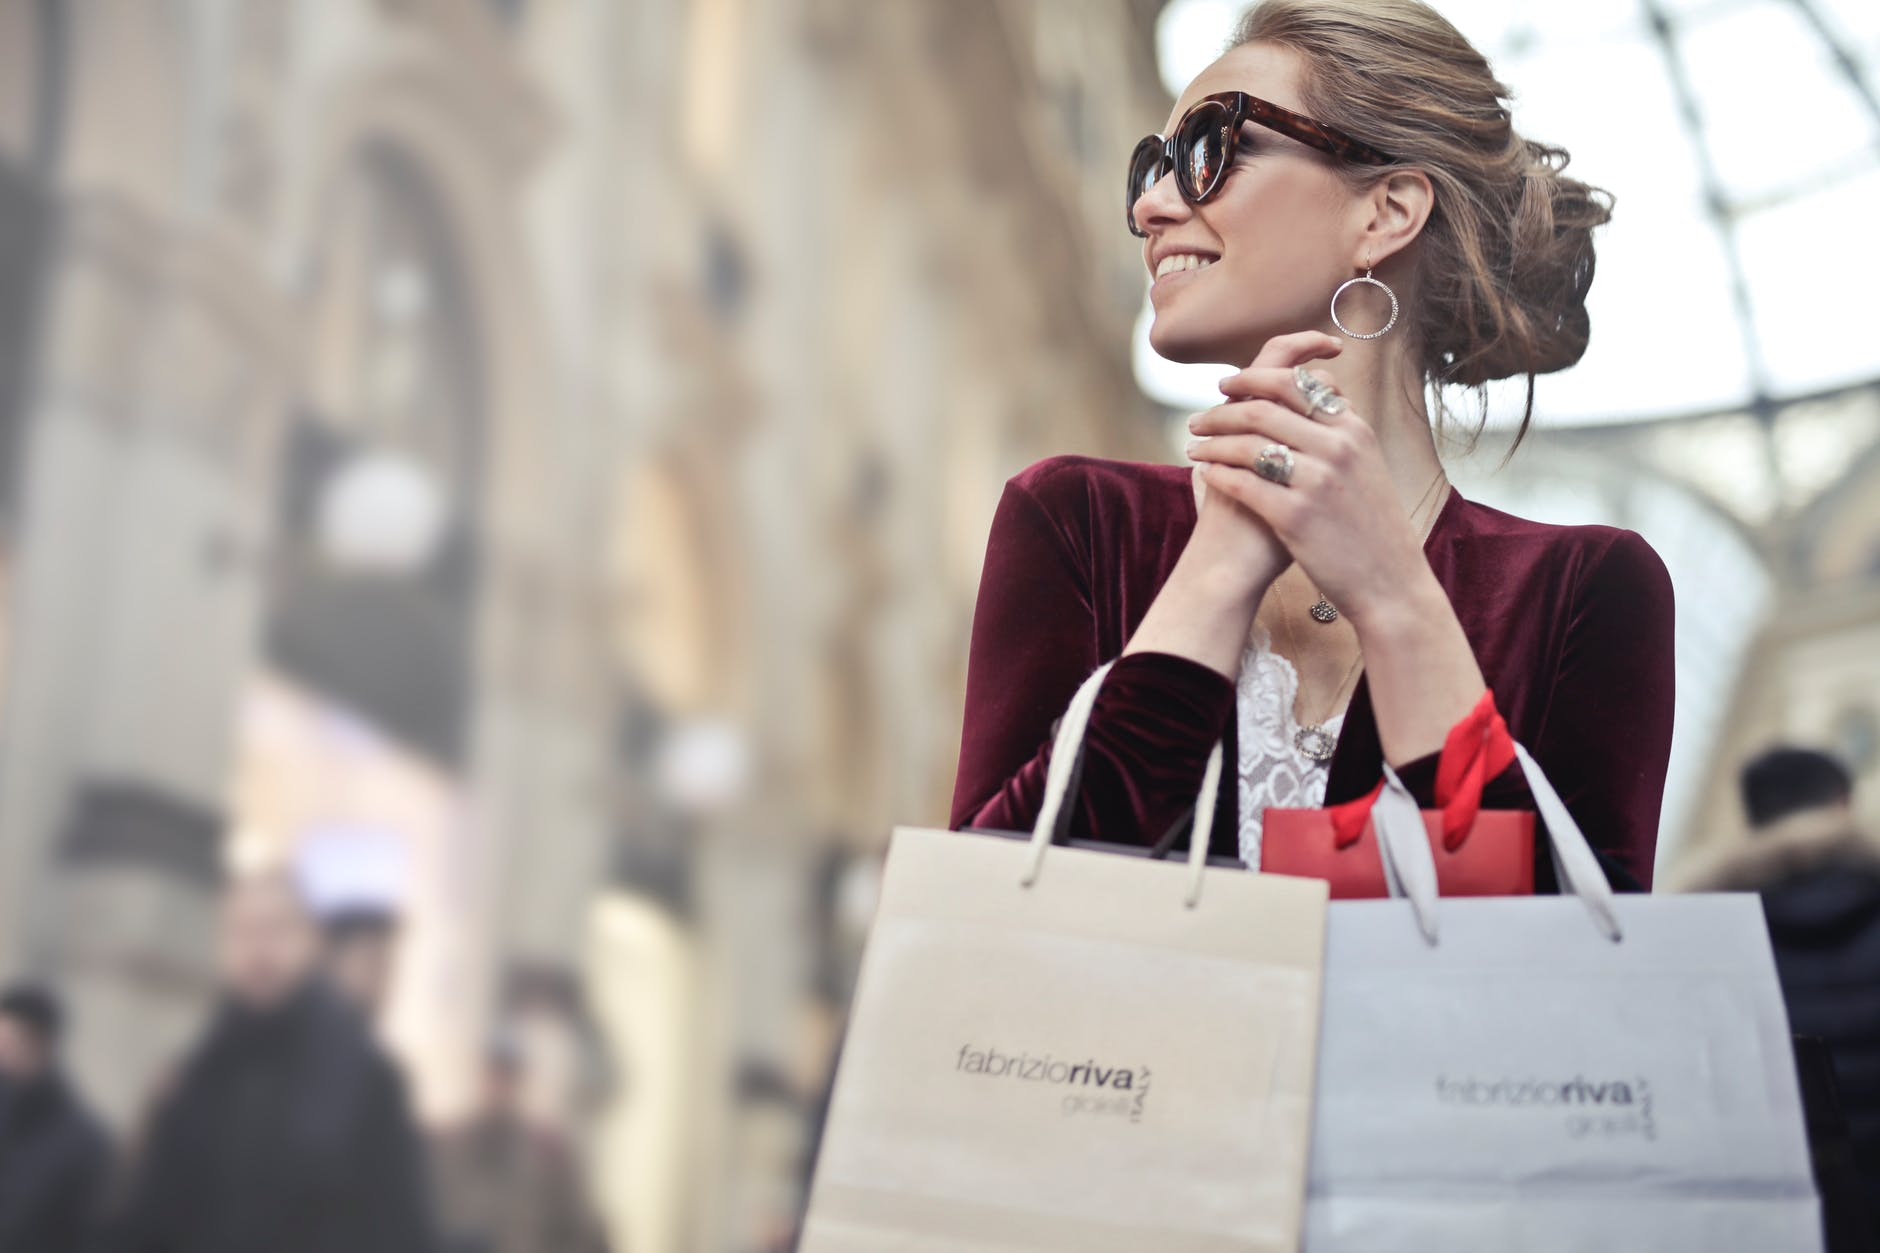 Le shopping est un antidépresseur efficace